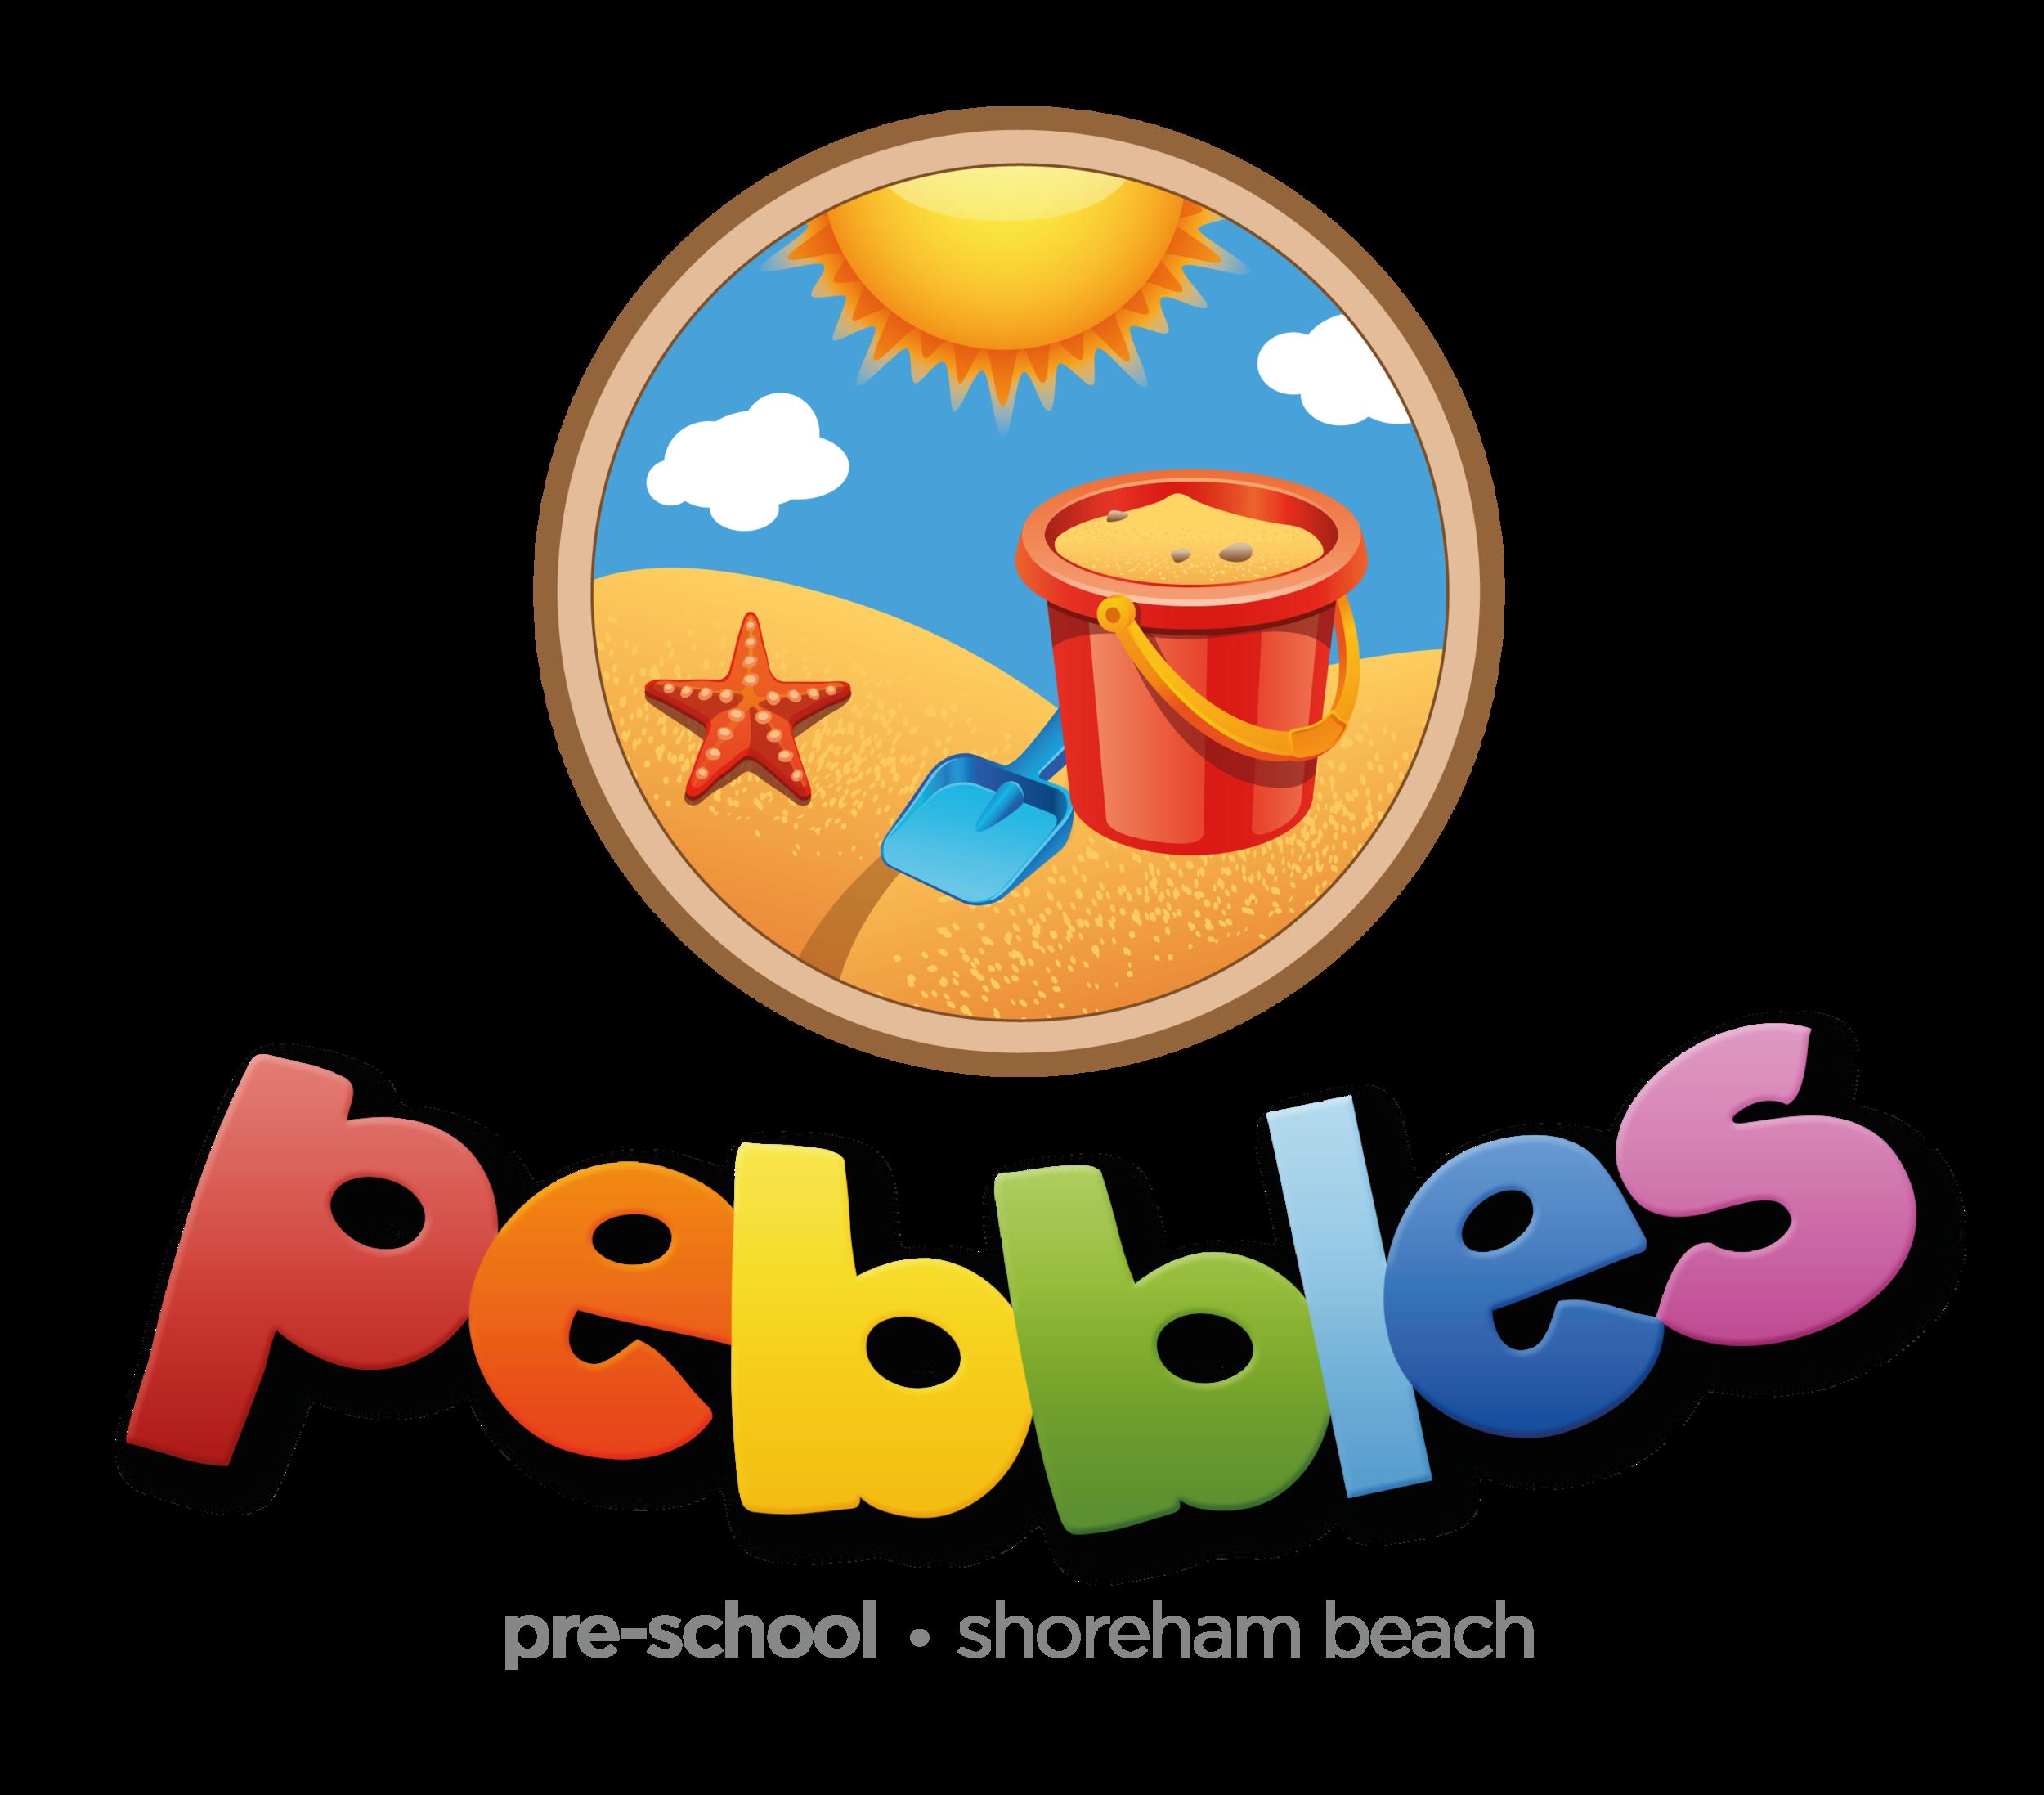 pebbles-preschool-shoreham